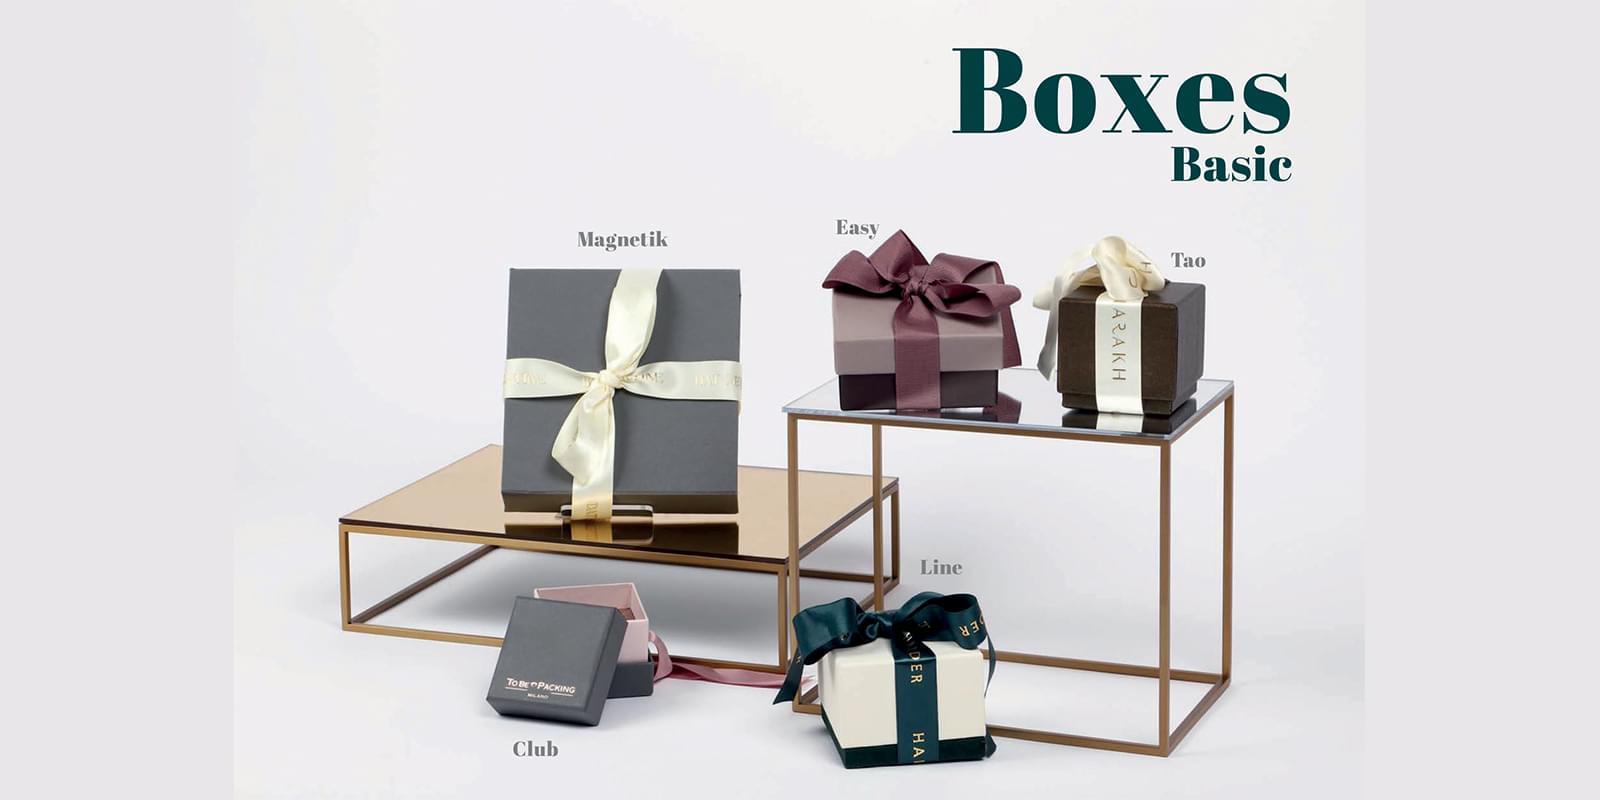 1600x800 boxes basic